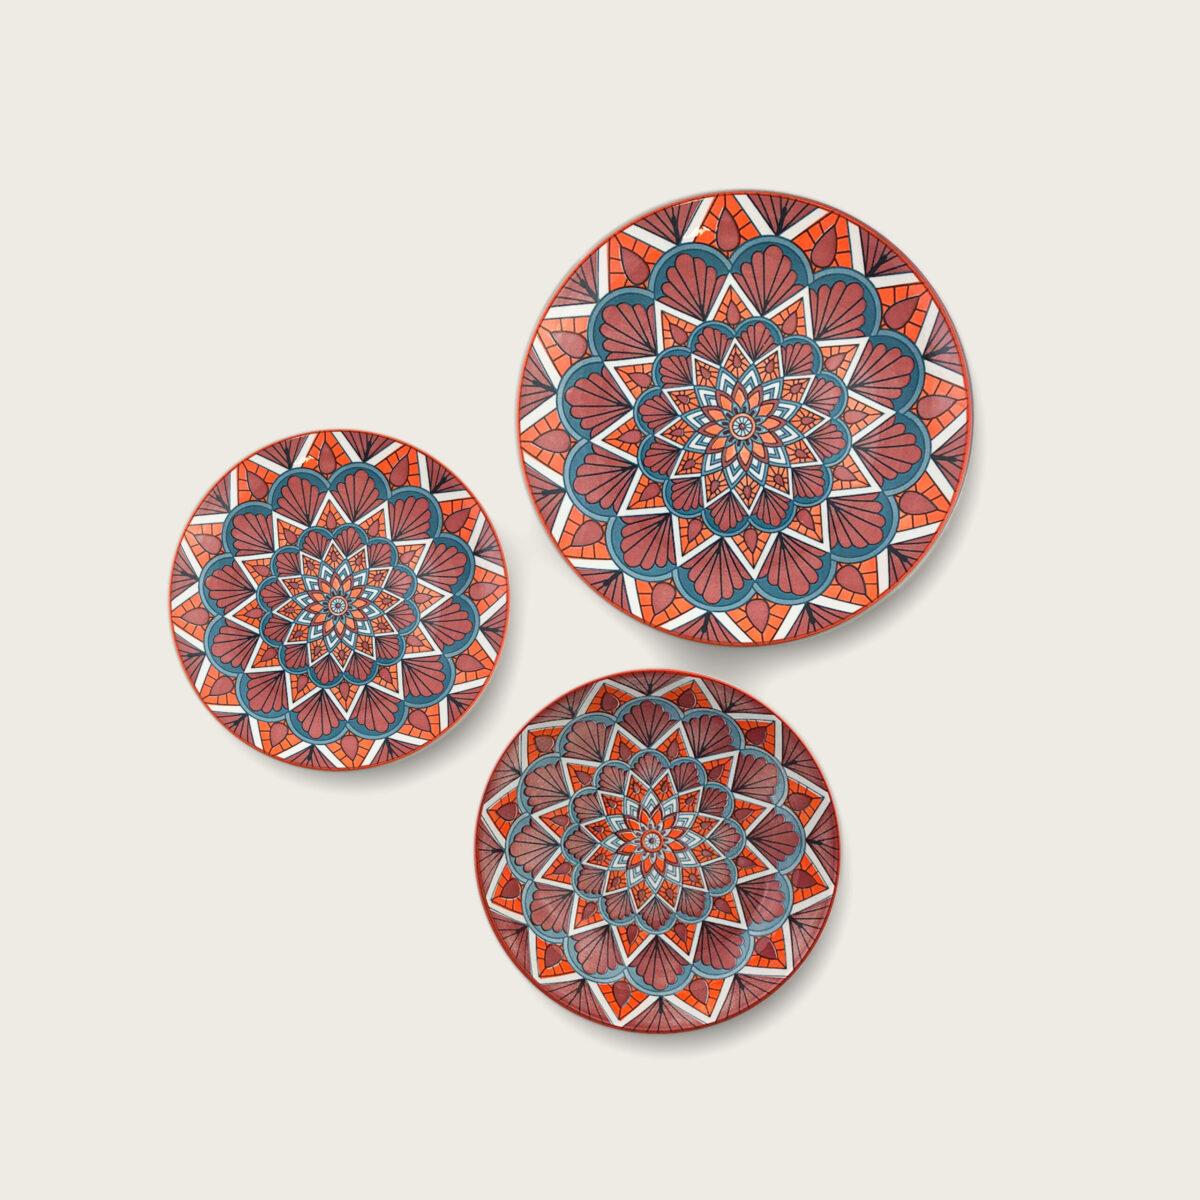 Kyoto summer piatti in porcellana decoro fiore geometrico arancione-petrolio